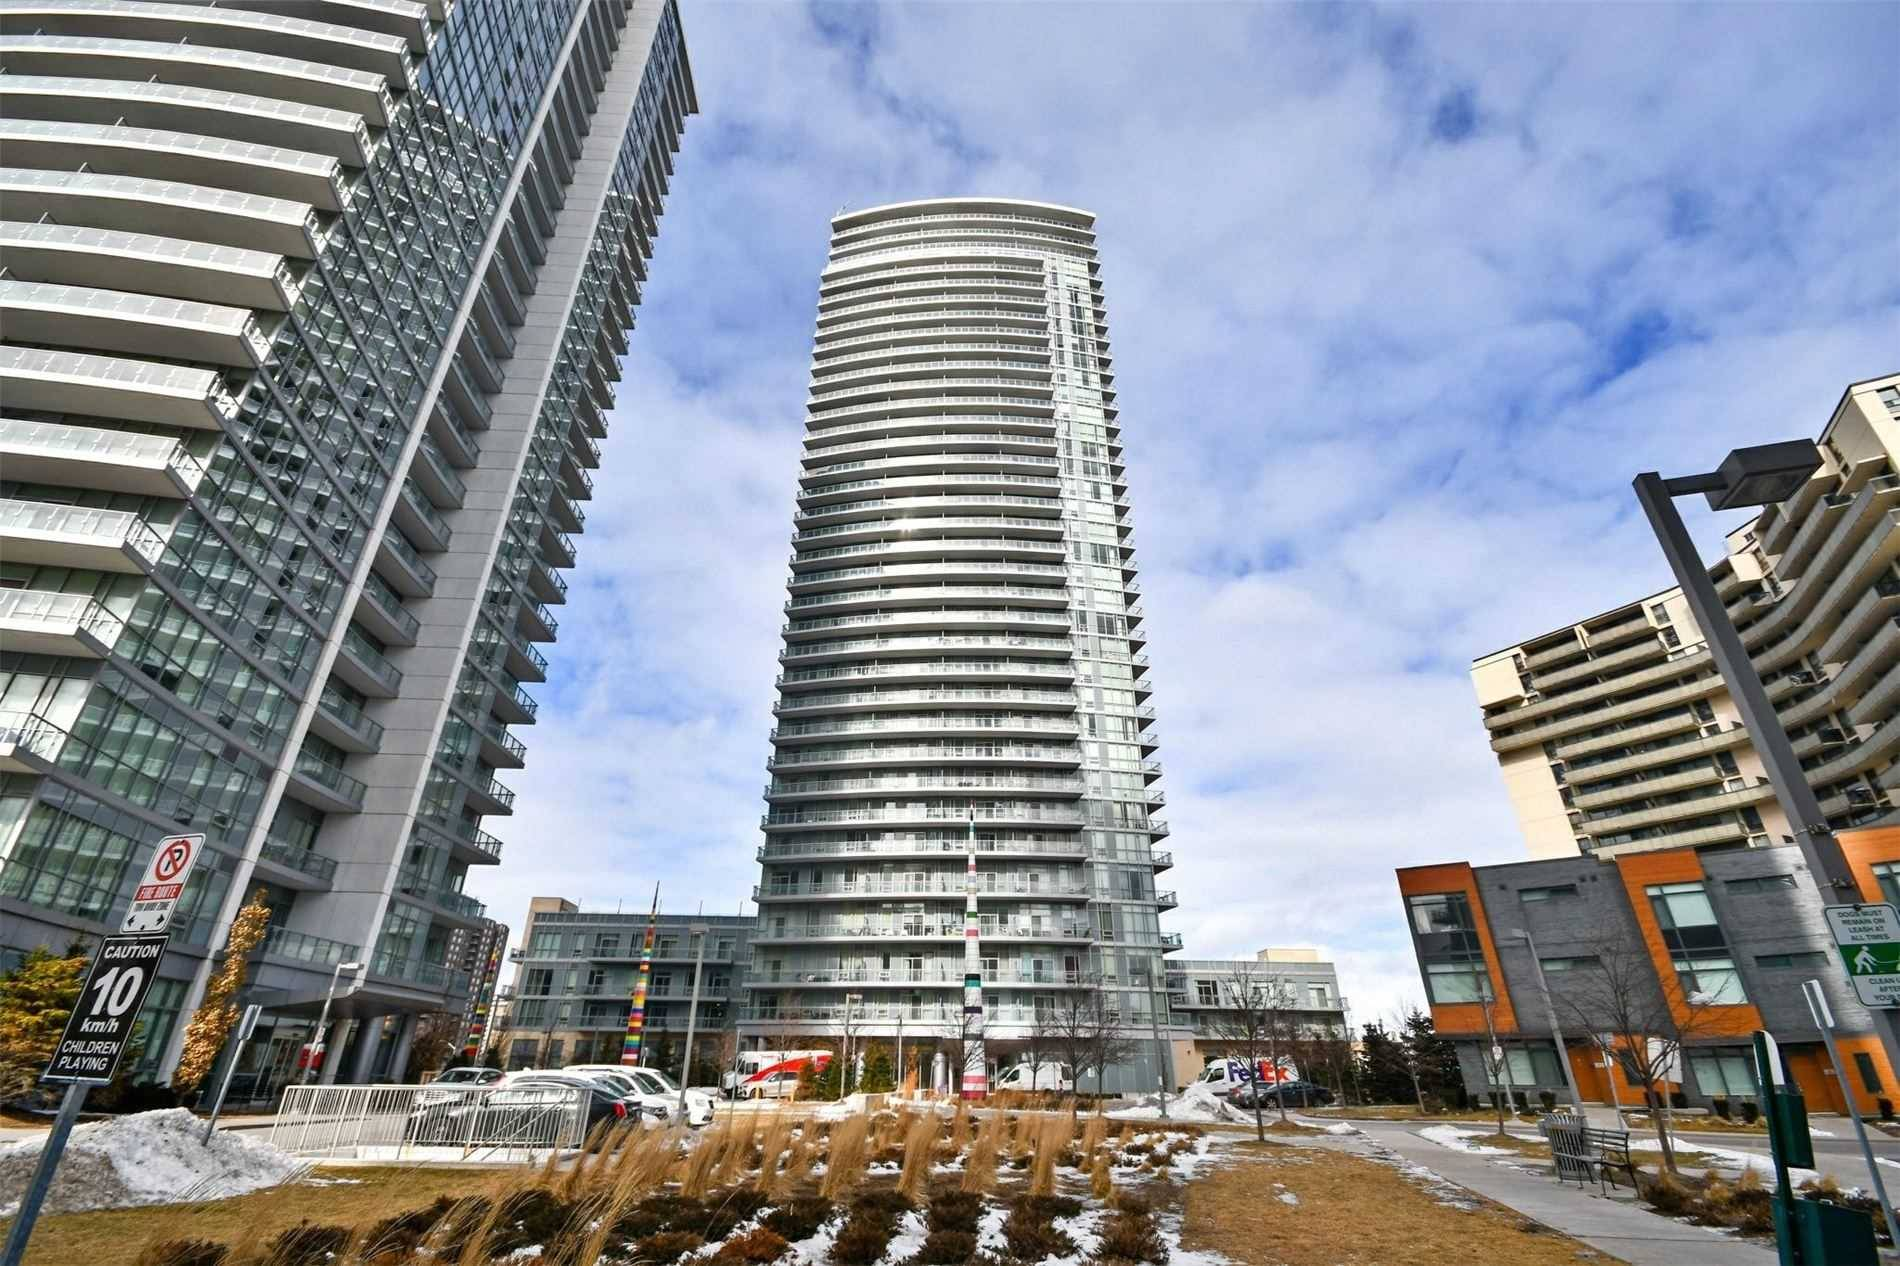 Emerald City Condos Condos: 70 Forest Manor Road, Toronto, ON